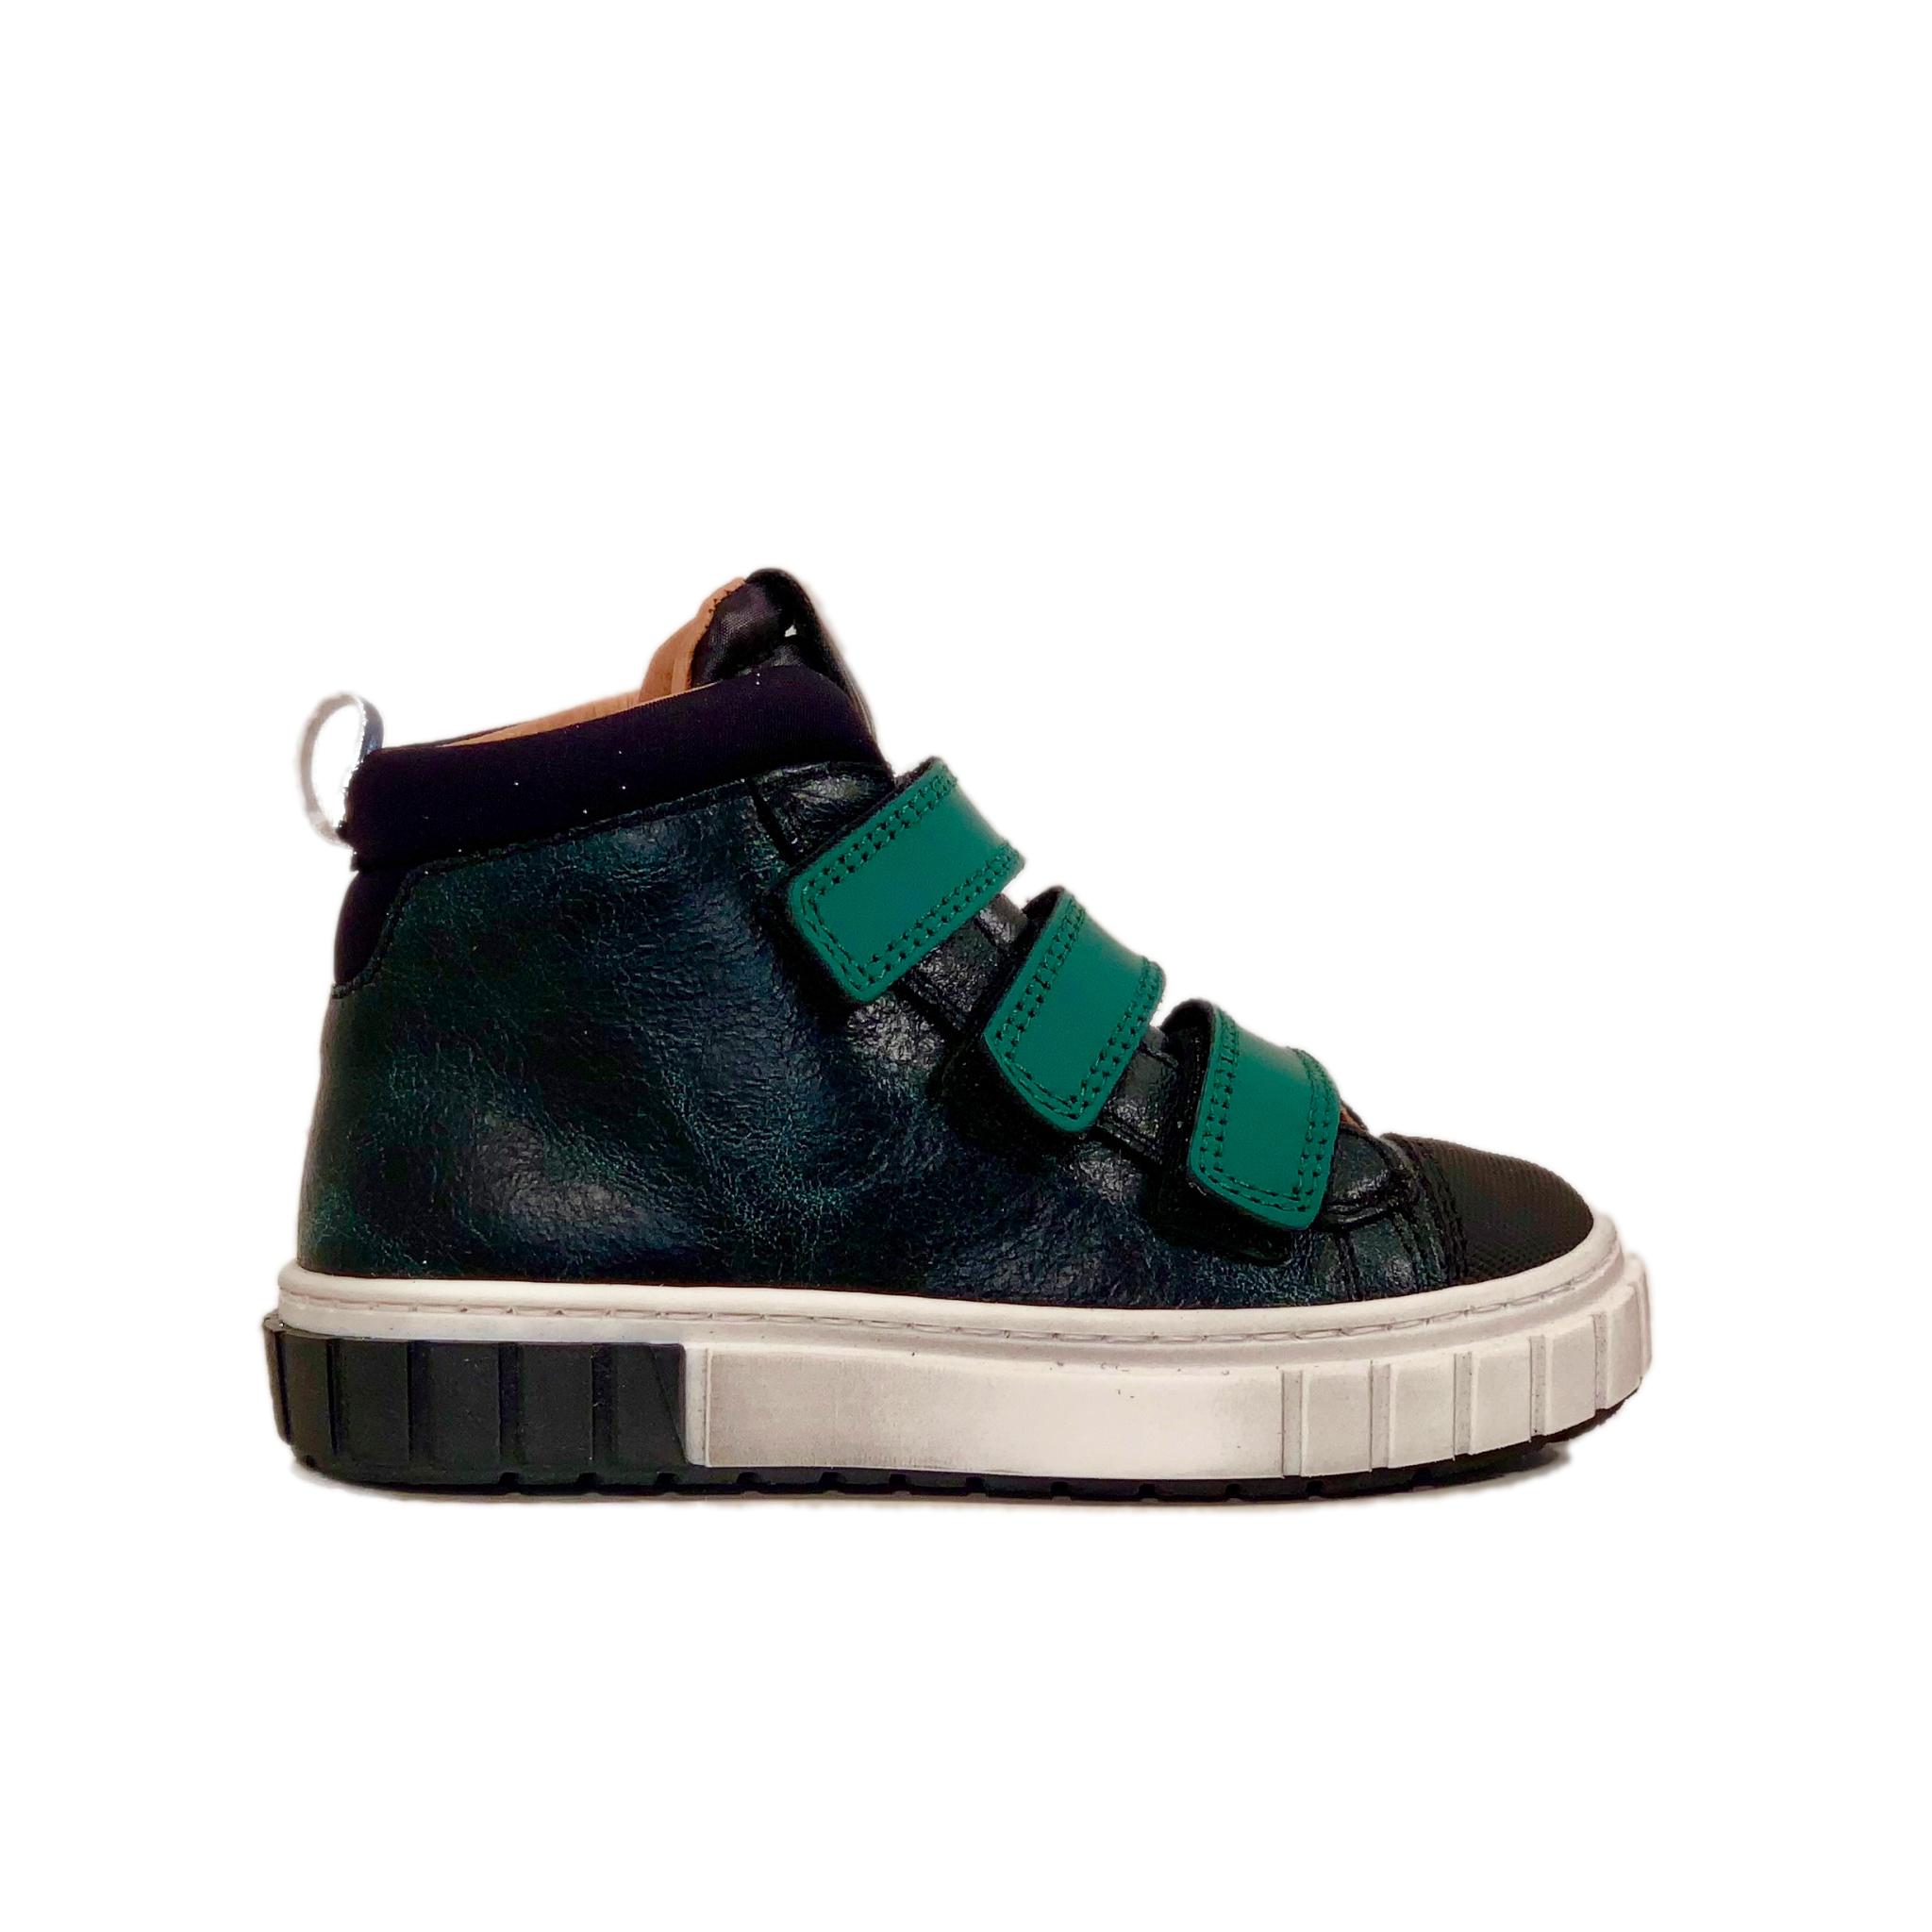 Romagnoli 4599 verde